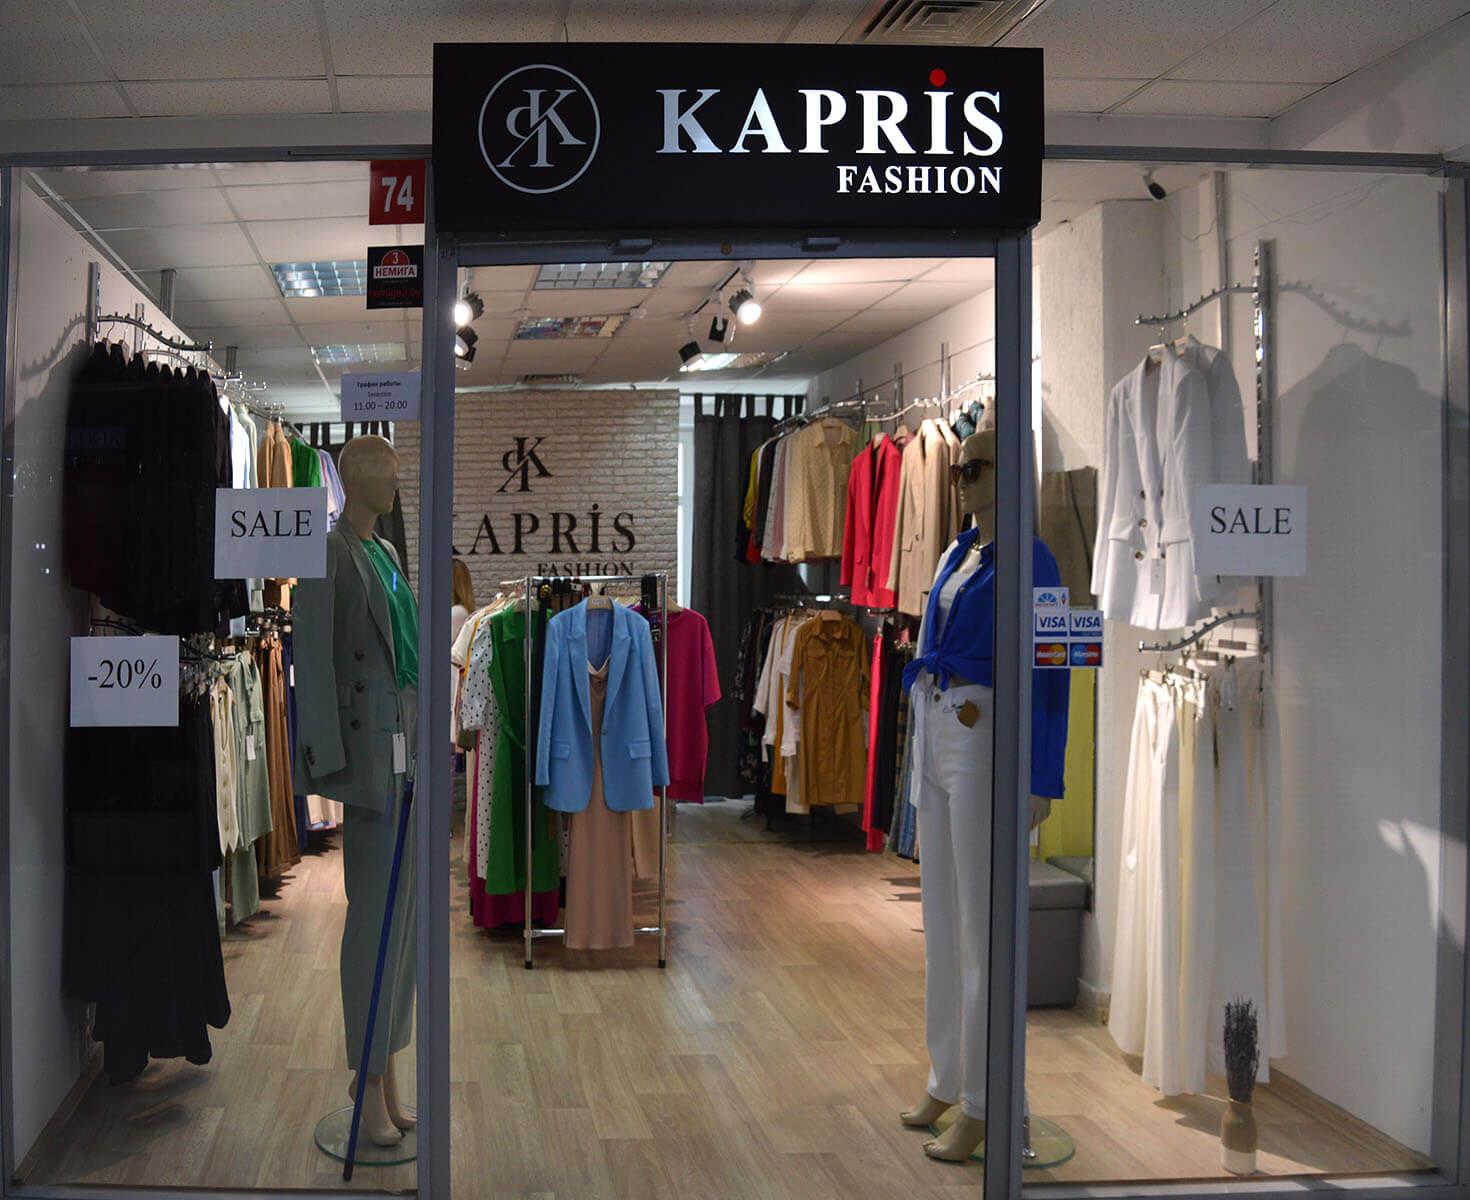 KAPRIS fashion  - магазин женской одежды на 3-м этаже в павильоне №74